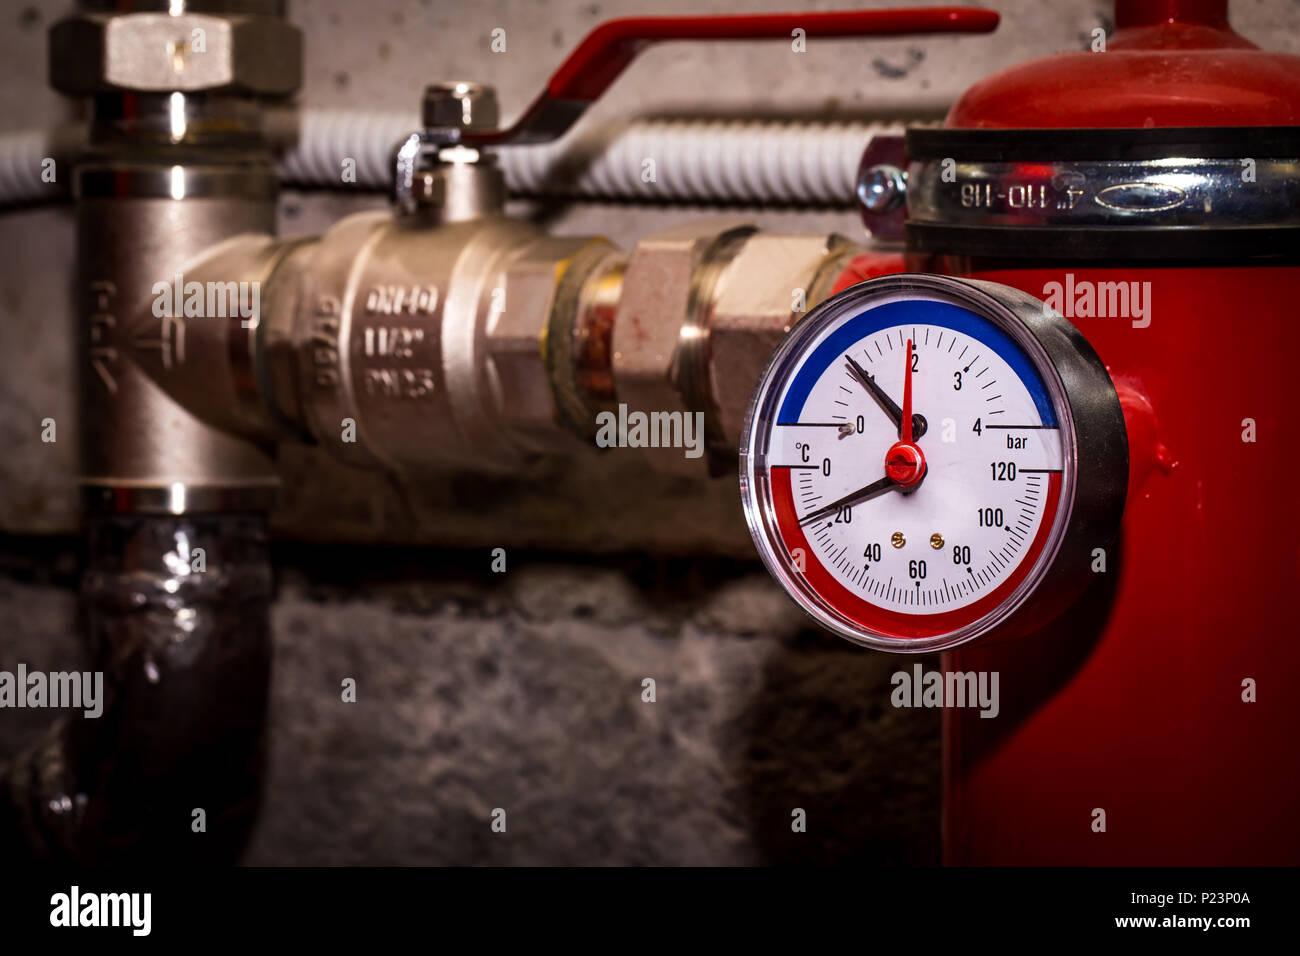 Nett Wasserdruck Der Zentralheizung Bilder - Die Besten Elektrischen ...